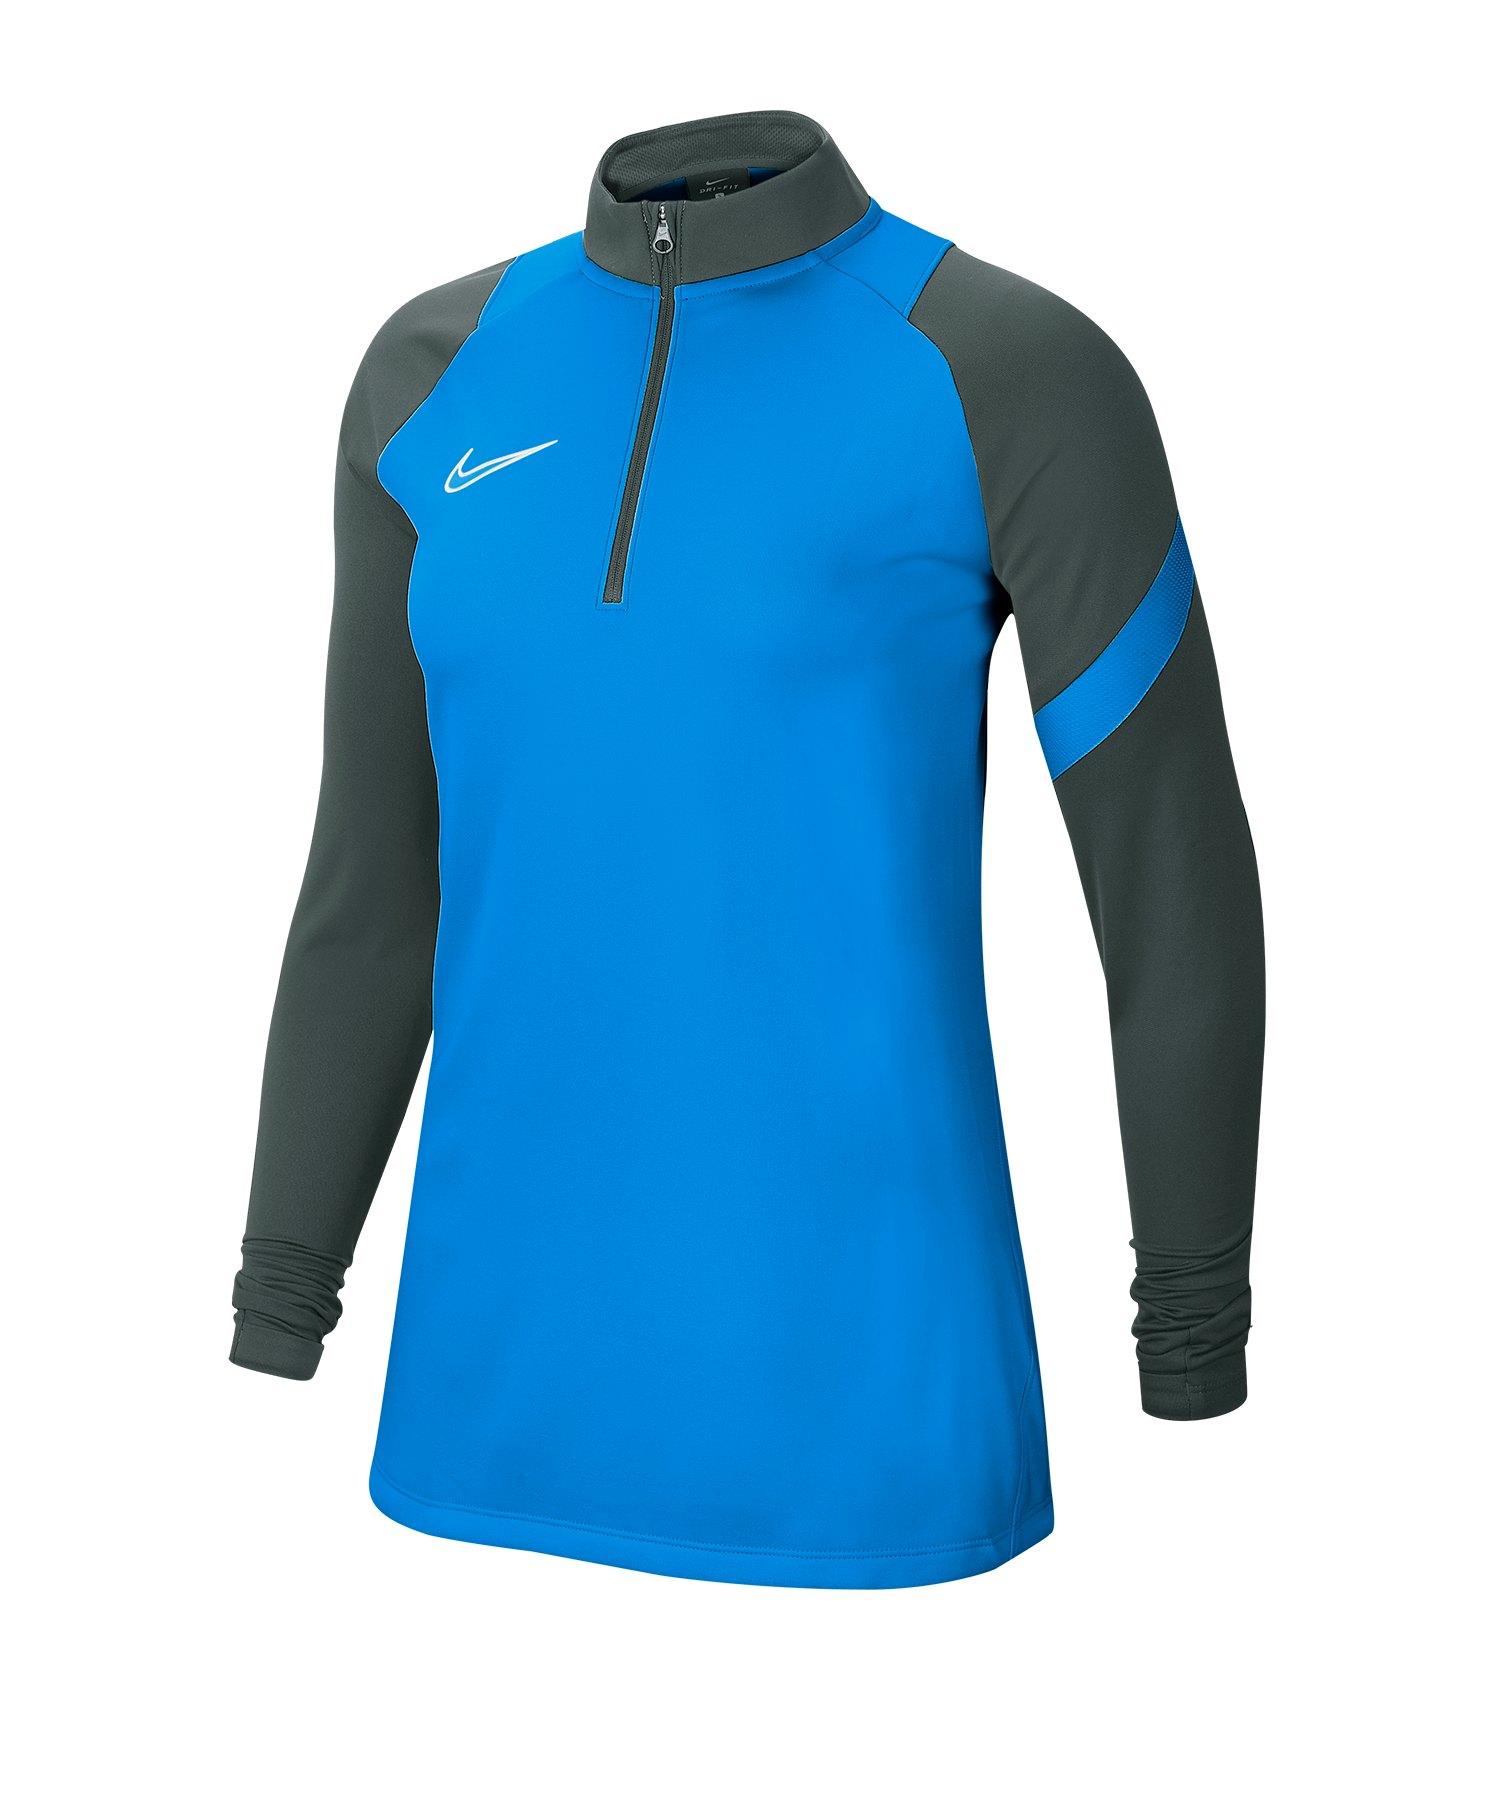 Nike Academy Pro Sweatshirt Damen Blau F406 - blau